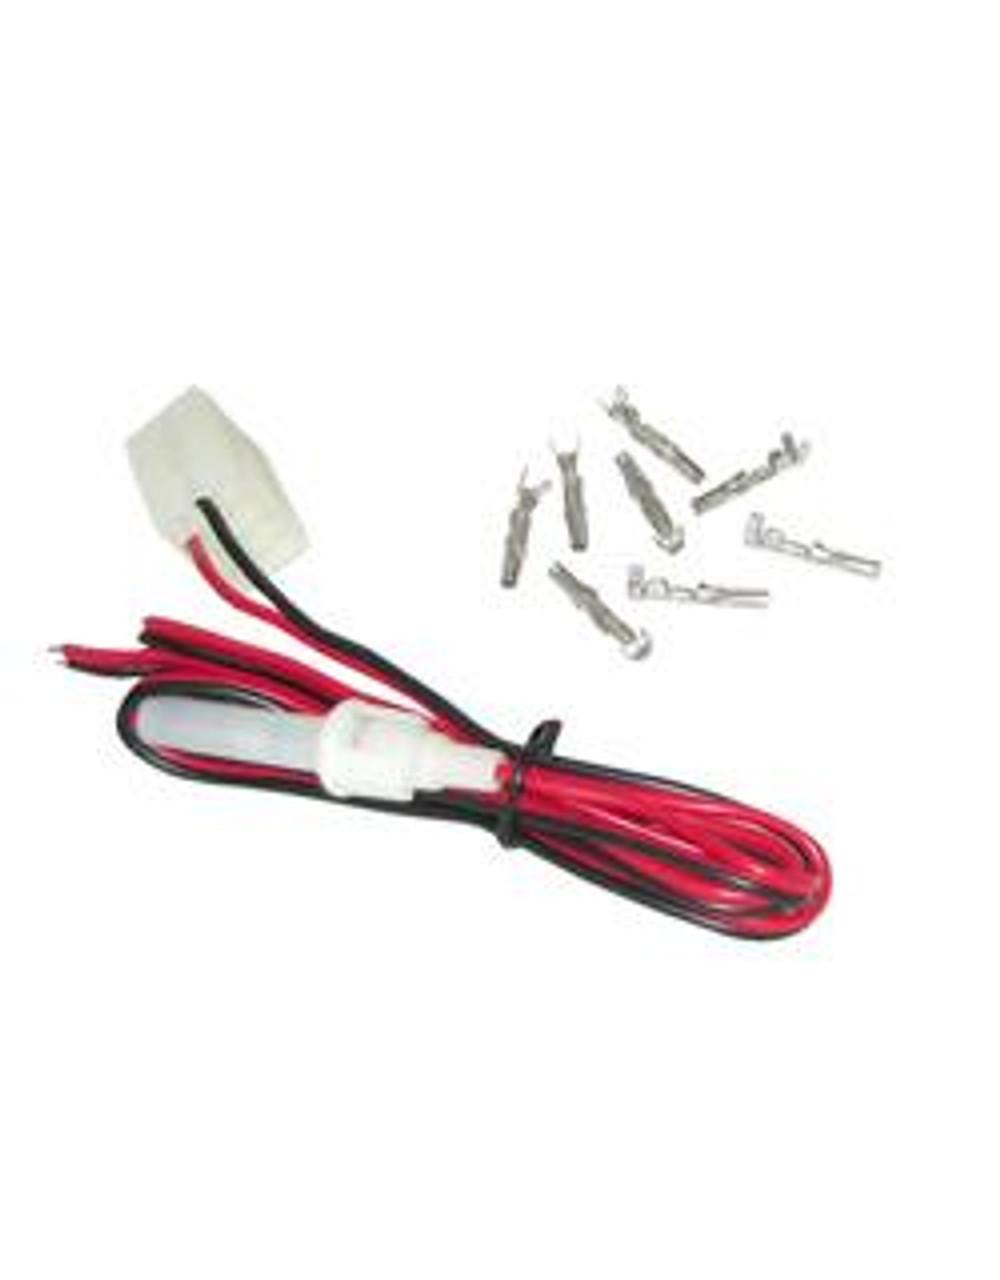 Terratrip Plug & Pin Kit (T101 & V4)